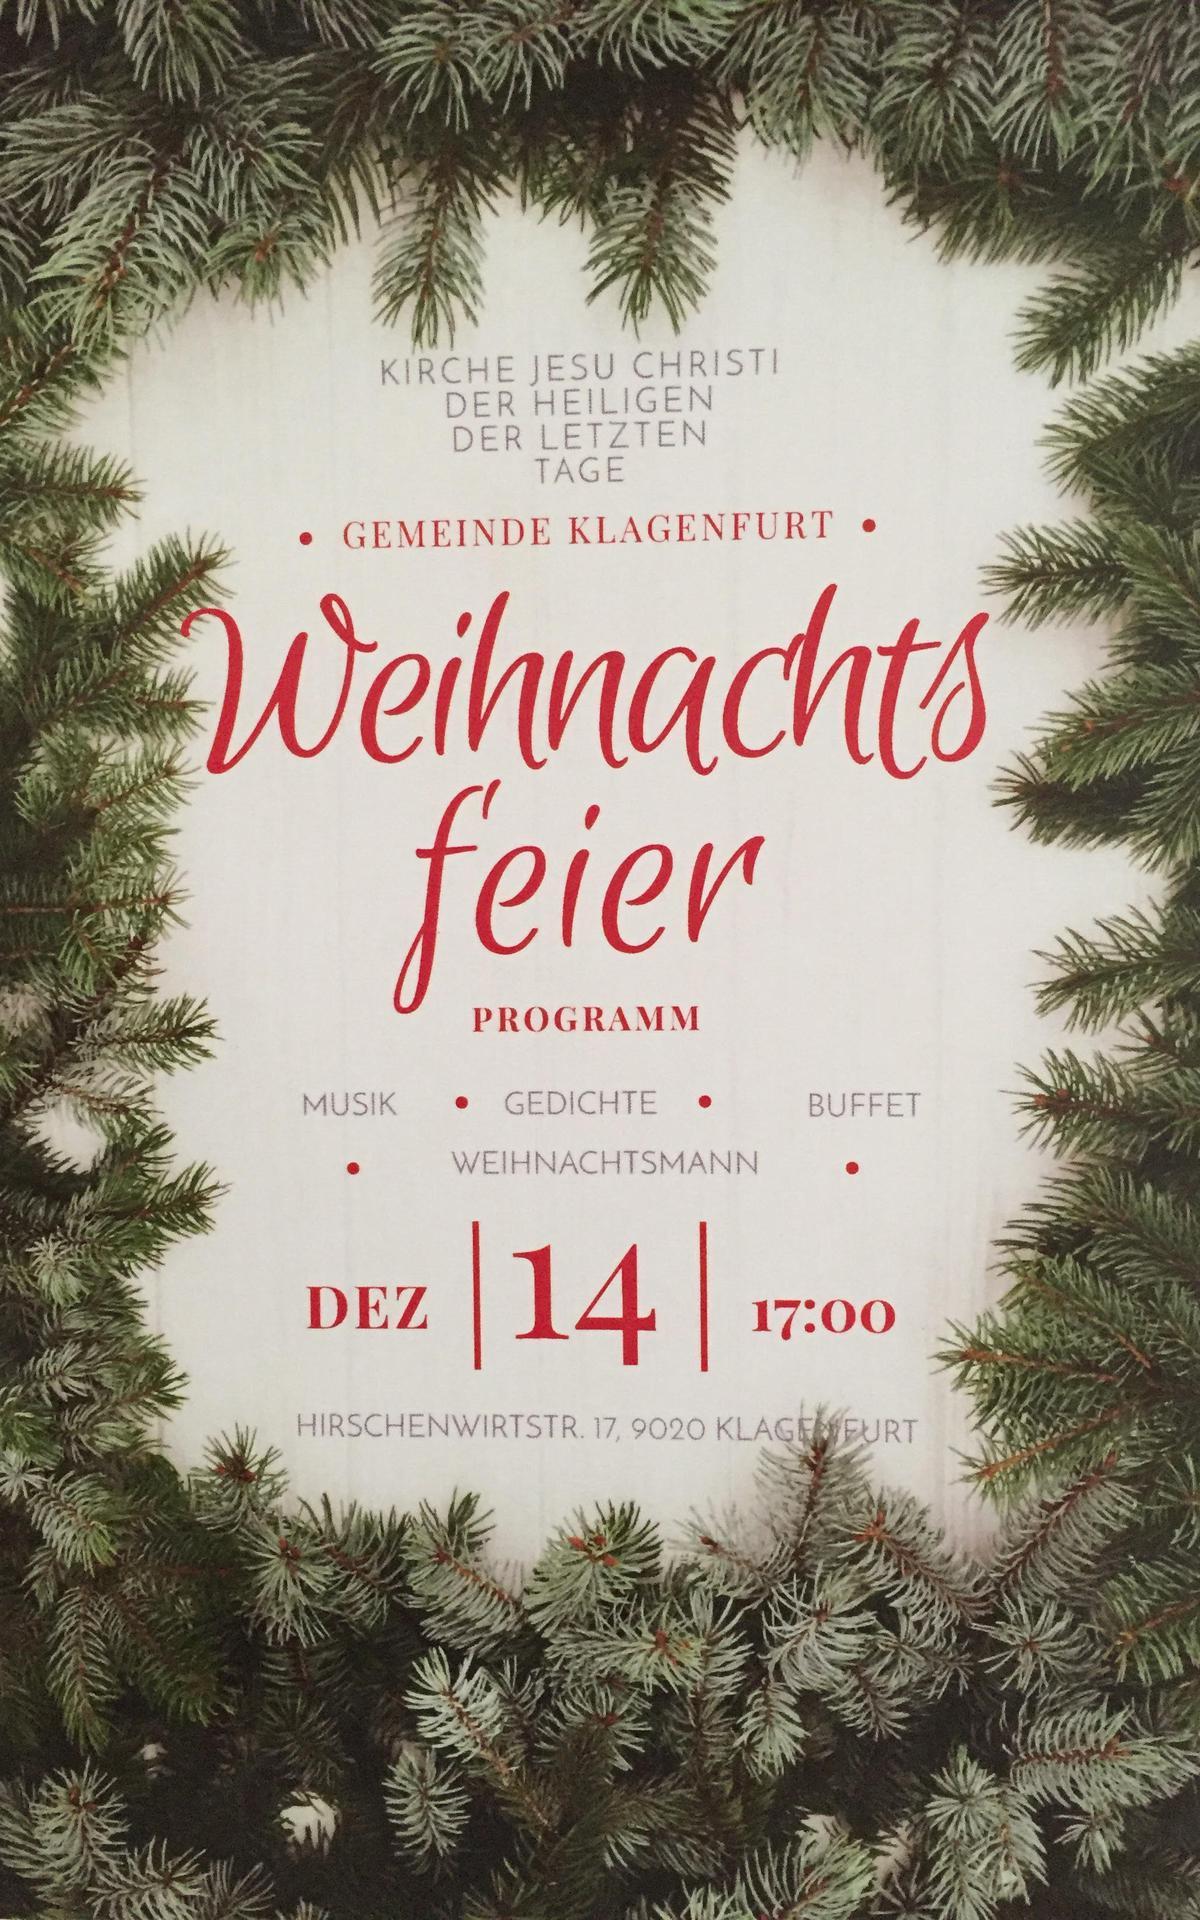 Einladung zur Gemeindeweihnachtsfeier 2018 in Klagenfurt